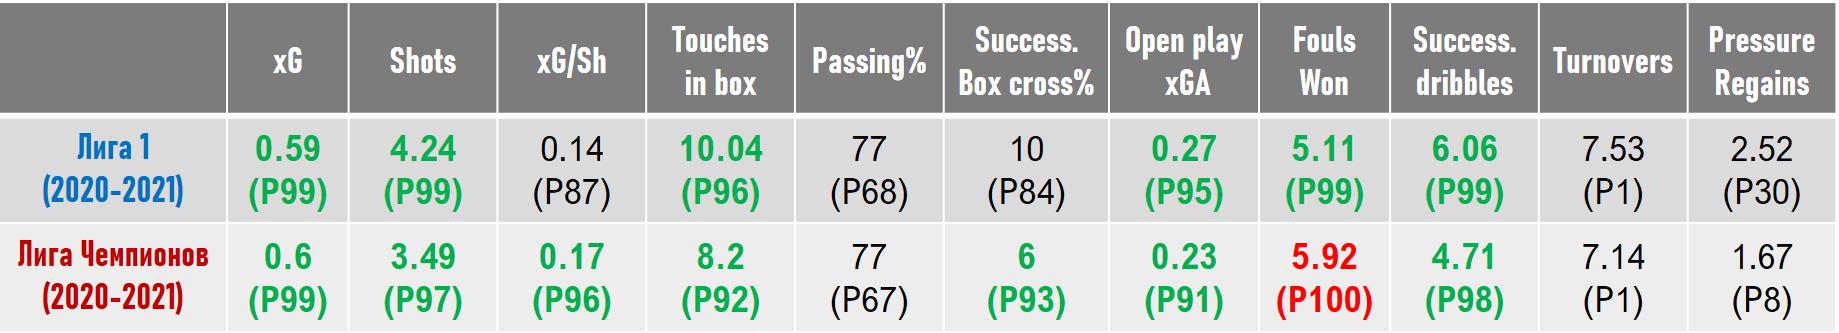 Статистические показатели Неймара в Лиге 1 и в Лиге Чемпионов - просто космос!